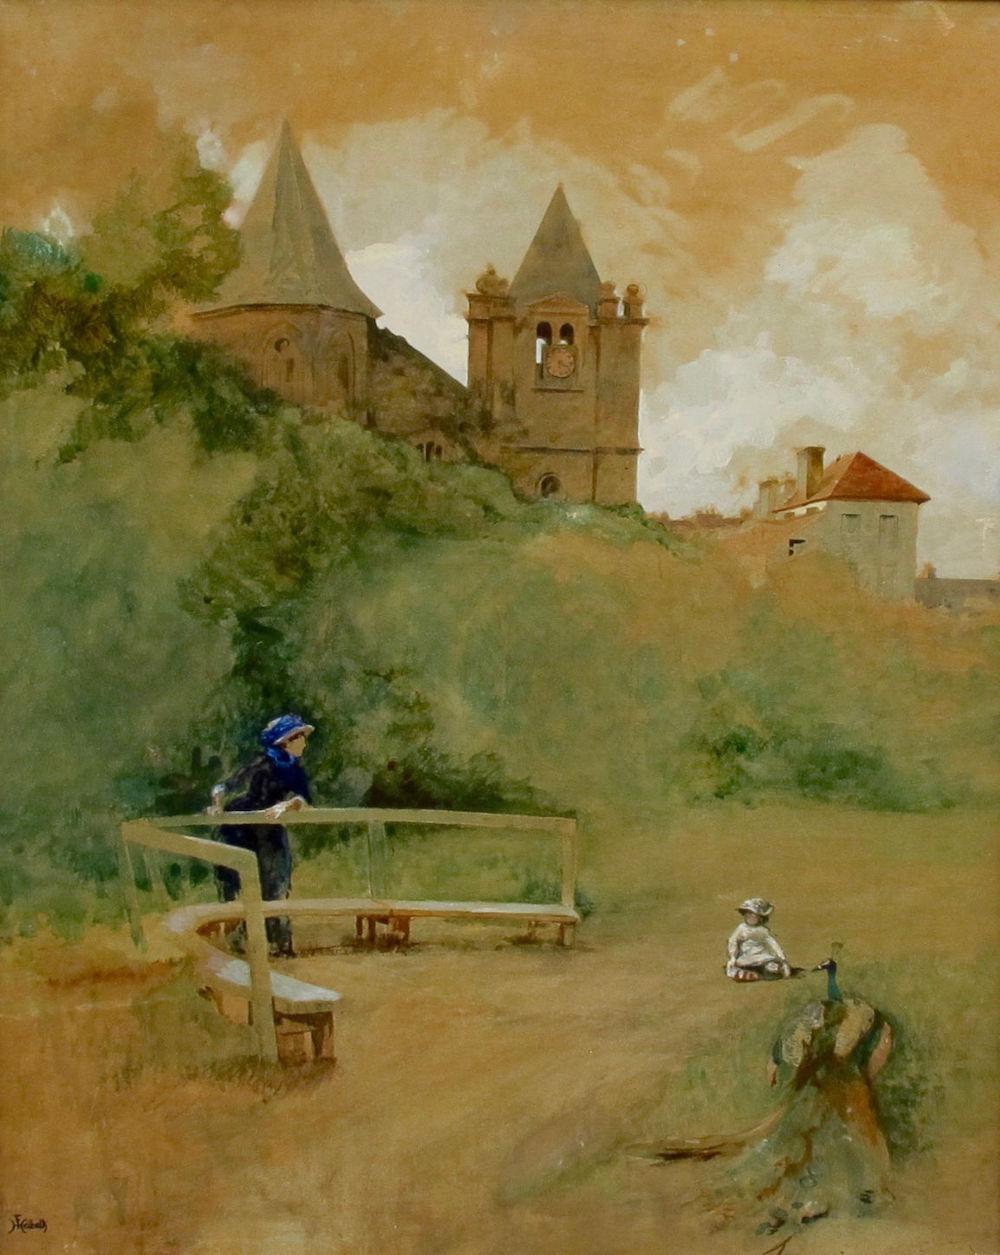 Ferdinand Heilbuth (1826 Hamburg - 1889 Paris) - Walk in the park